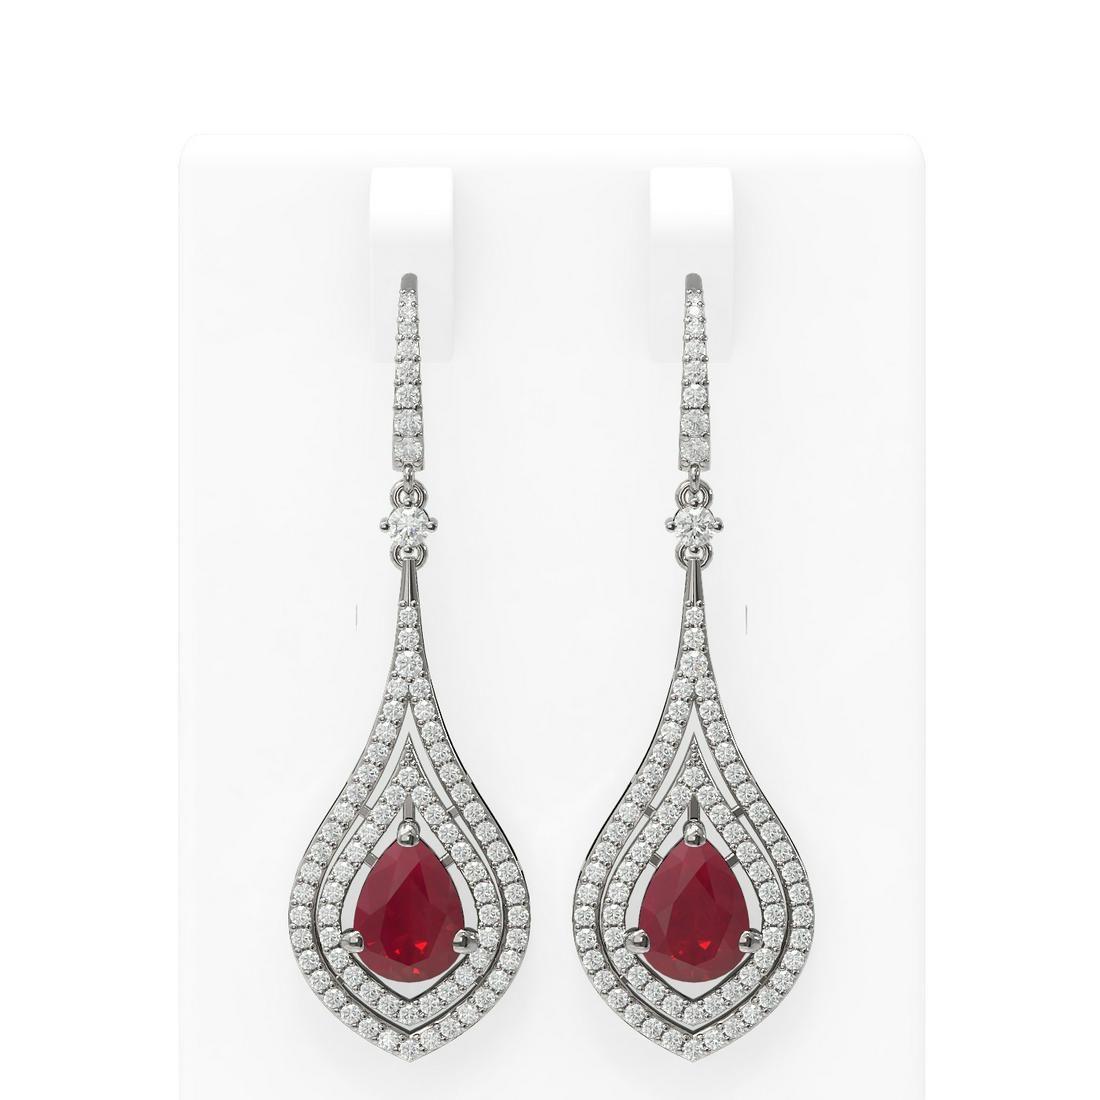 11.35 ctw Ruby & Diamond Earrings 18K White Gold -